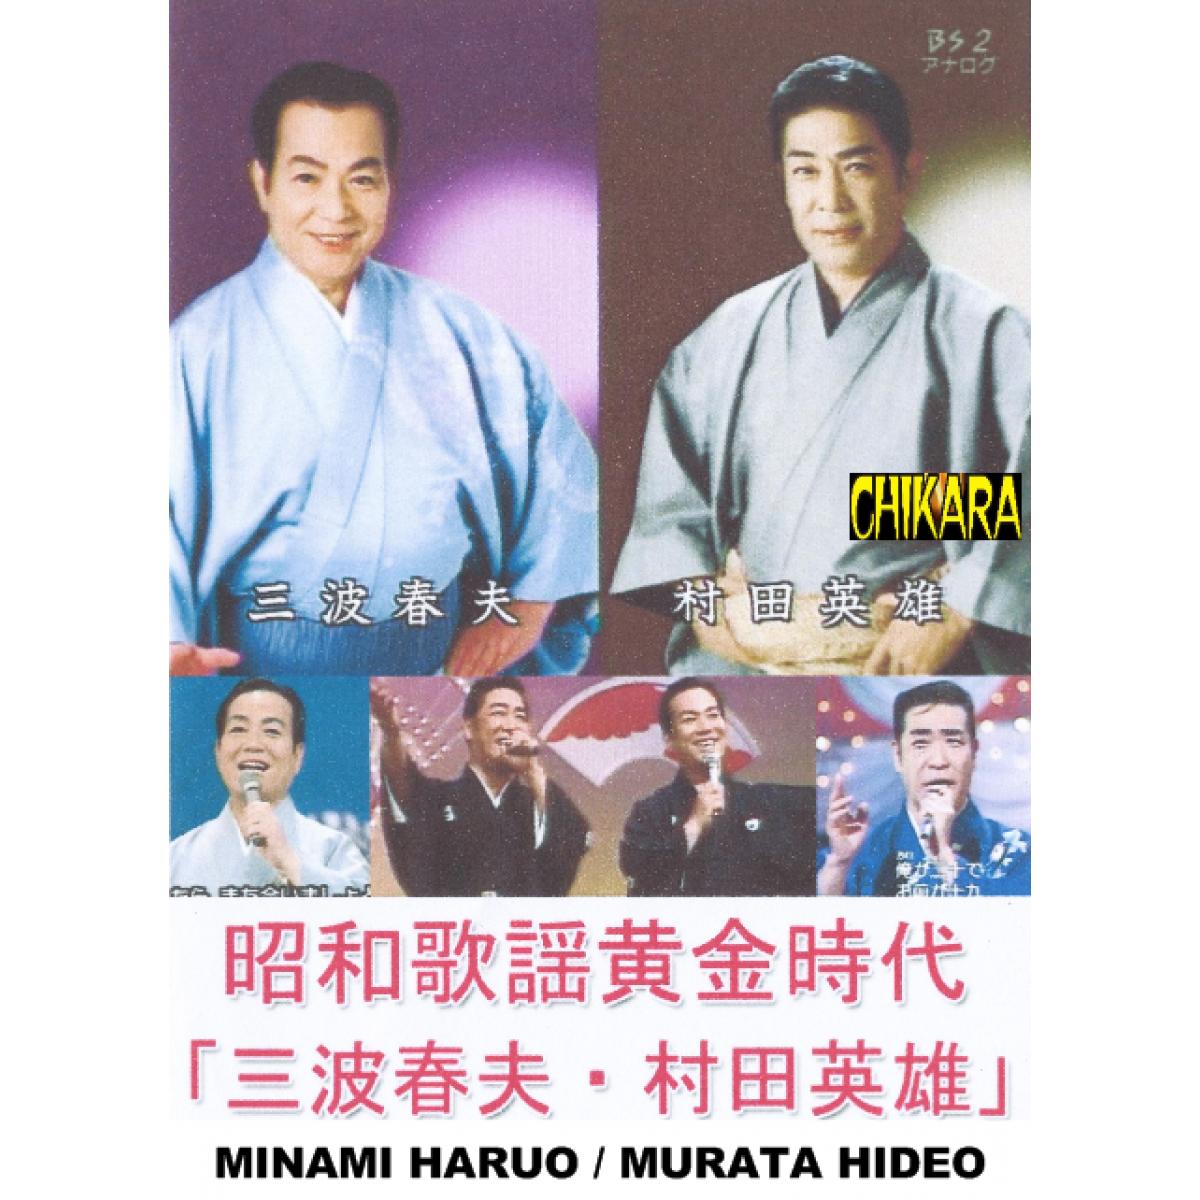 Minami Haruo e Murata Hideo